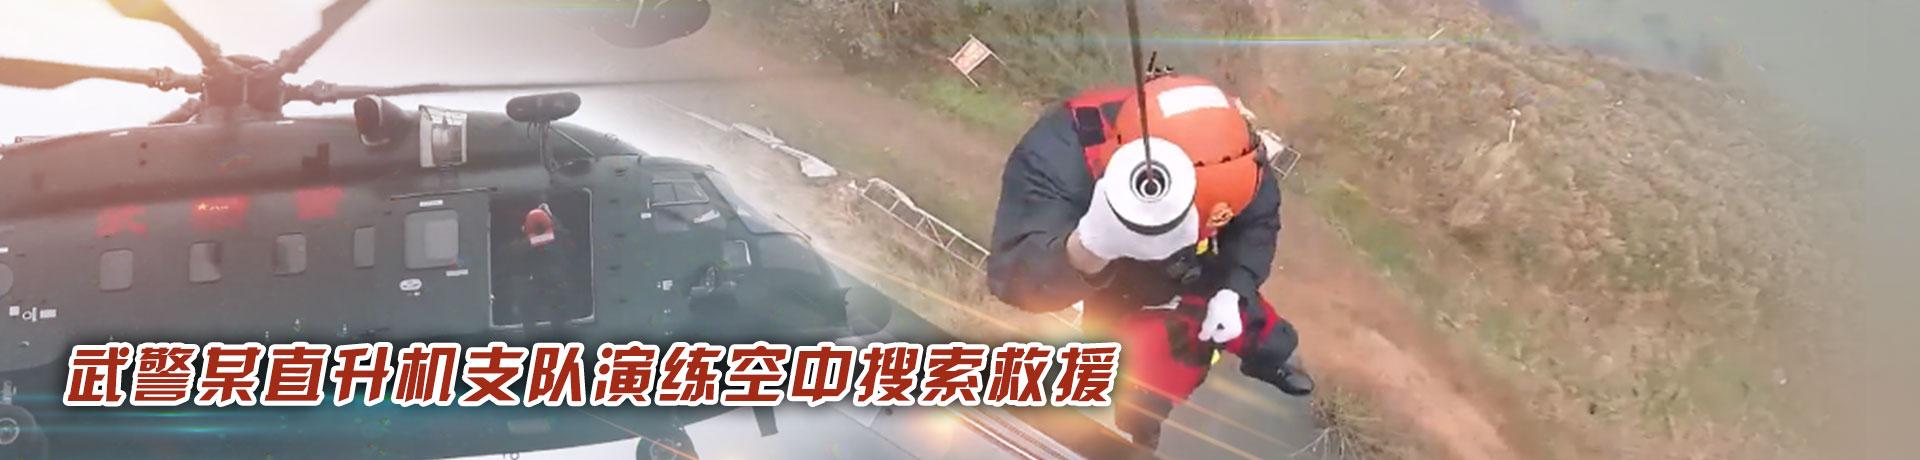 武警某直升机支队演练空中搜索救援